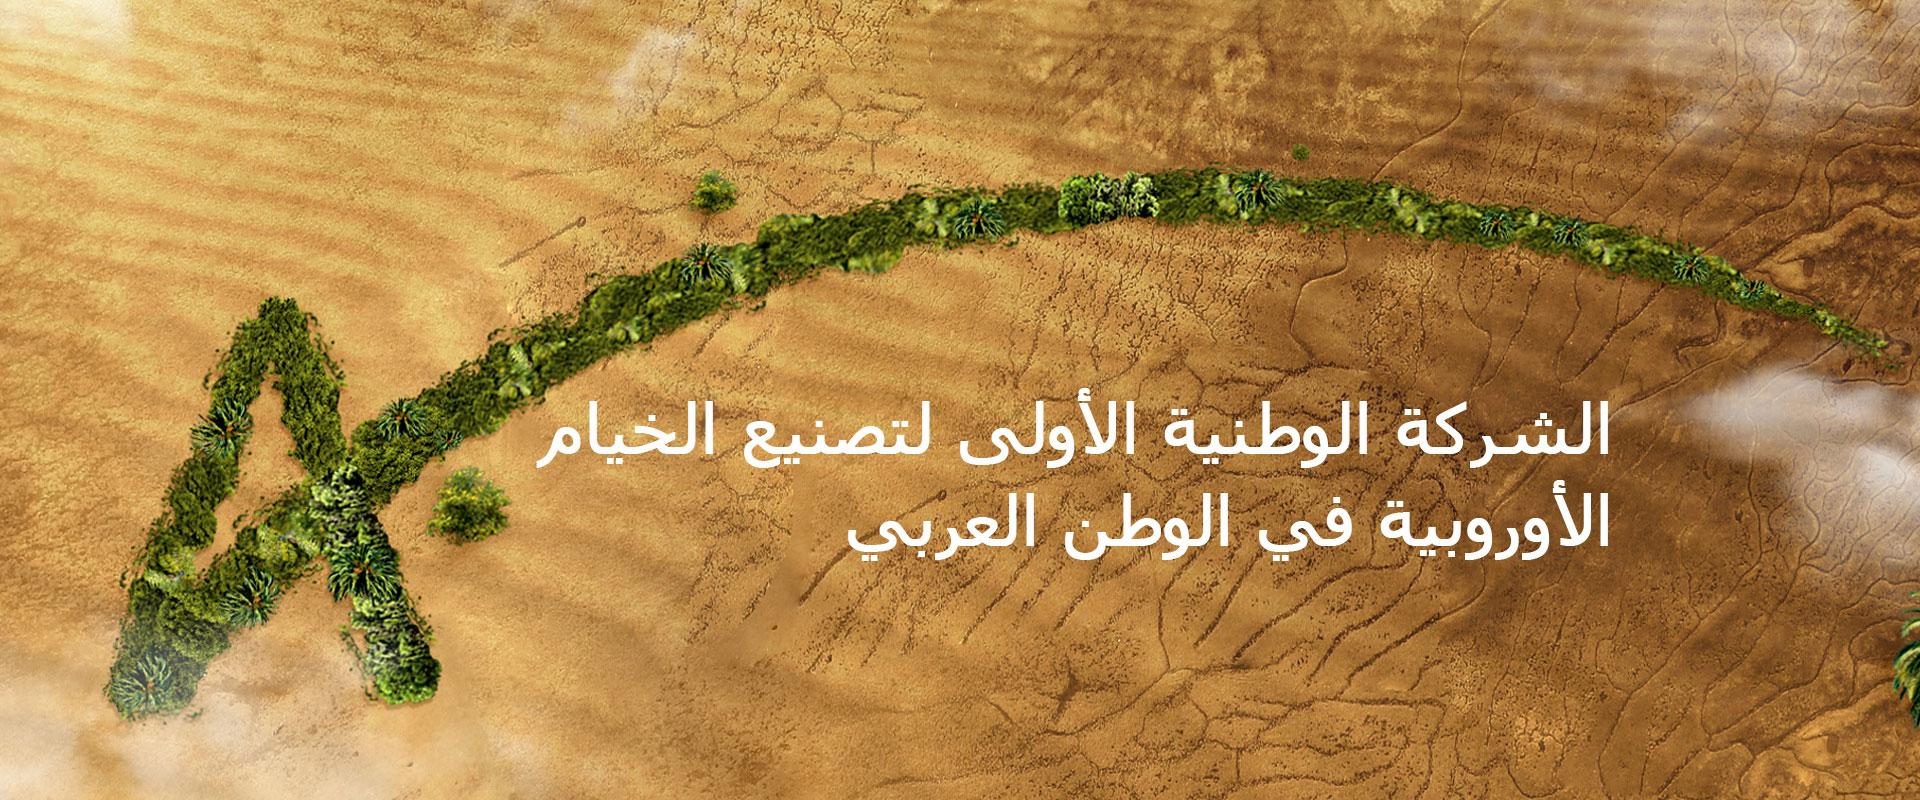 صناع وموردو الخيام الإمارات العربية